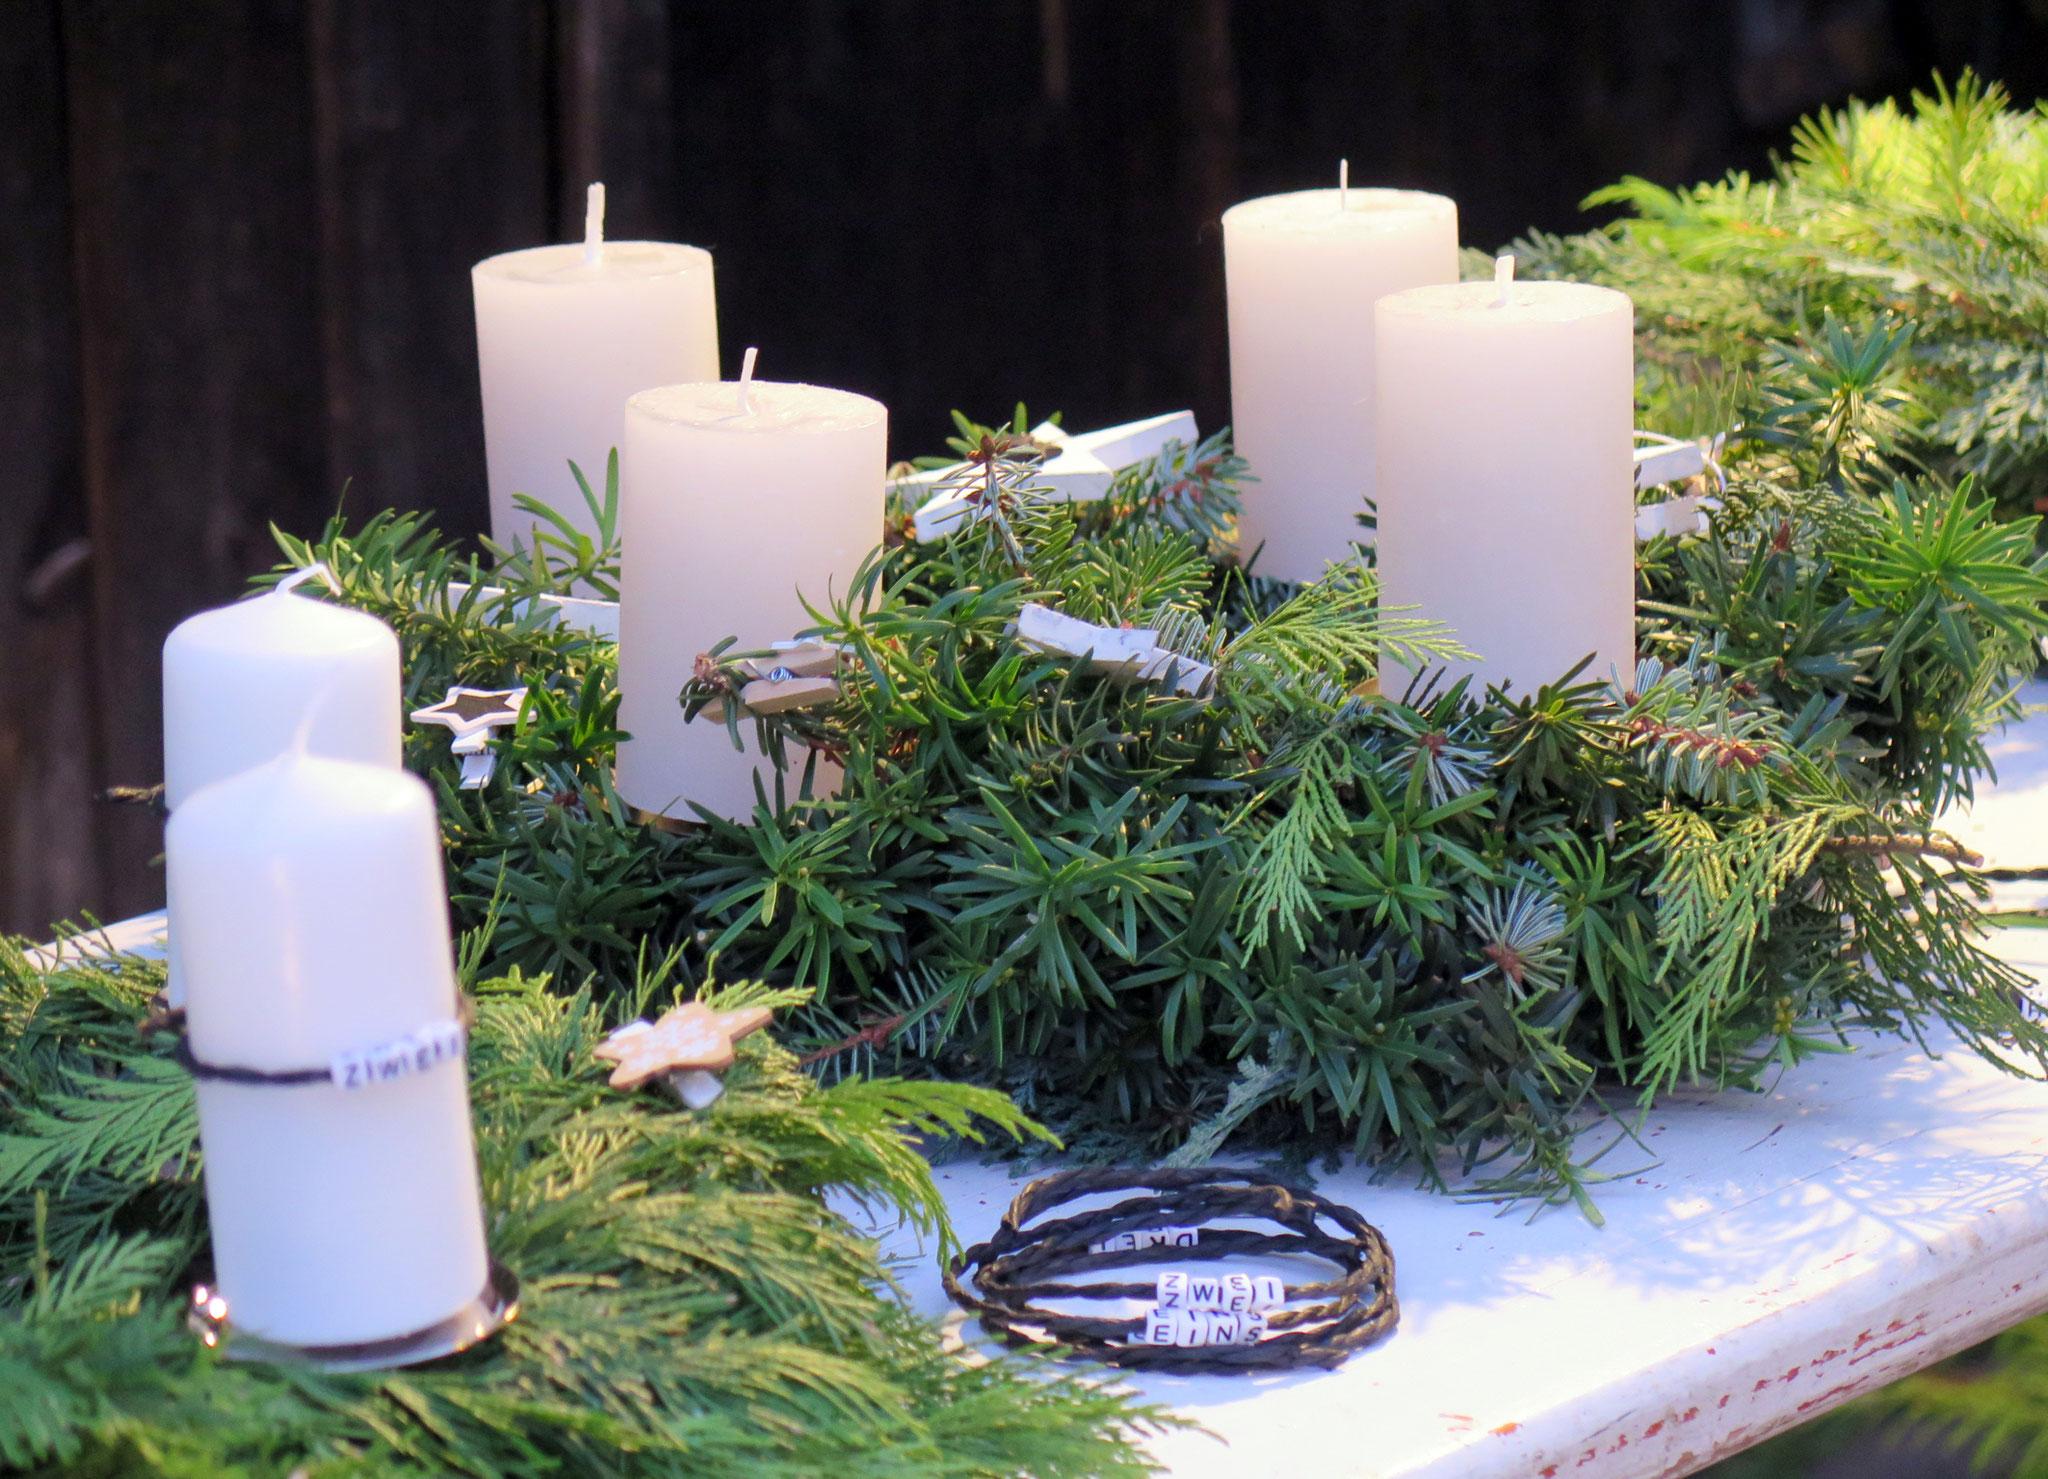 Adventskränze selber binden beim beim Weihnachts-Zauber